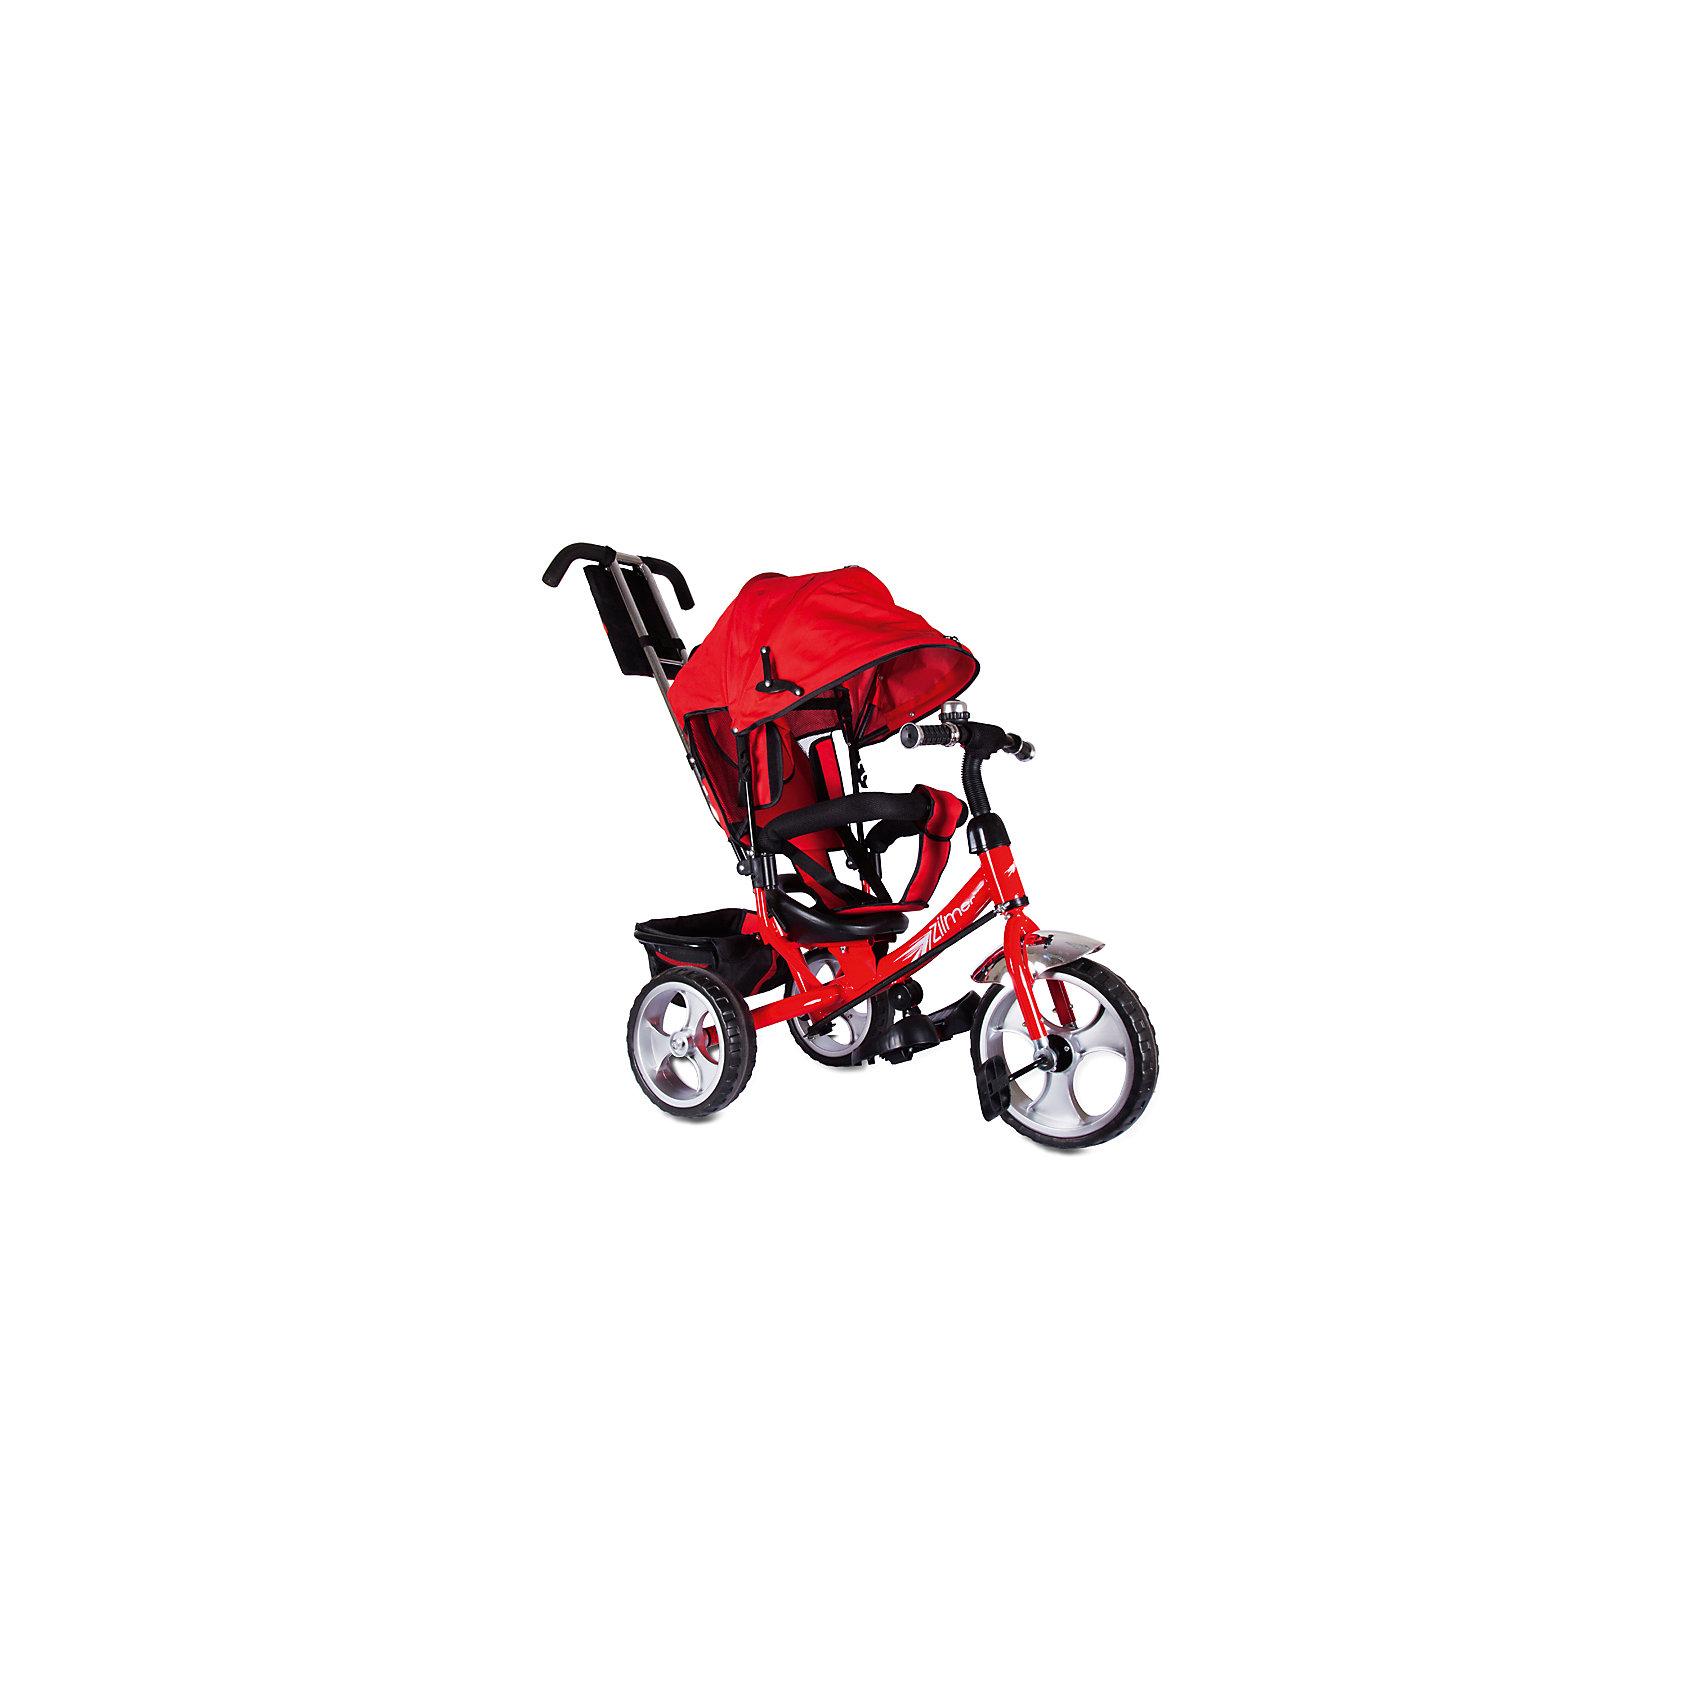 Трехколесный велосипед Сильвер Люкс, красный, ZilmerХарактеристики товара:<br><br>• материал: металл, полимер, текстиль<br>• цвет: красный<br>• диаметр колес: переднее - 304,8 мм (12 дюймов), задние - 254 мм (10 дюймов)<br>• блокировка колес<br>• удобный руль <br>• безопасные поручни<br>• управление ручкой для родителей<br>• подставка под ноги<br>• корзинка<br>• материал колес: EVA<br>• надежные материалы<br>• козырек<br>• продуманная конструкция<br>• яркий цвет<br>• возраст: от 12 мес<br>• размер: 68х28х36 см<br>• вес: 9 кг<br>• страна производства: Китай<br><br>Подарить родителям и малышу такой велосипед - значит, помочь развитию ребенка. Он способствует скорейшему развитию способности ориентироваться в пространстве, развивает физические способности, мышление и ловкость. Помимо этого, кататься на нём - очень увлекательное занятие!<br><br>Этот велосипед разработан специально для малышей. Он чем-то похож на коляску: есть родительская ручка и специальные подставки под ножки. С помощью ручки родители легко координируют направление движения. Данная модель выполнена в ярком дизайне, отличается продуманной конструкцией и деталями, которые обеспечивают безопасность ребенка. Отличный подарок для активного малыша!<br><br>Трехколесный велосипед Сильвер Люкс, красный, от бренда Zilmer можно купить в нашем интернет-магазине.<br><br>Ширина мм: 625<br>Глубина мм: 380<br>Высота мм: 29<br>Вес г: 10000<br>Возраст от месяцев: 12<br>Возраст до месяцев: 36<br>Пол: Унисекс<br>Возраст: Детский<br>SKU: 5478516